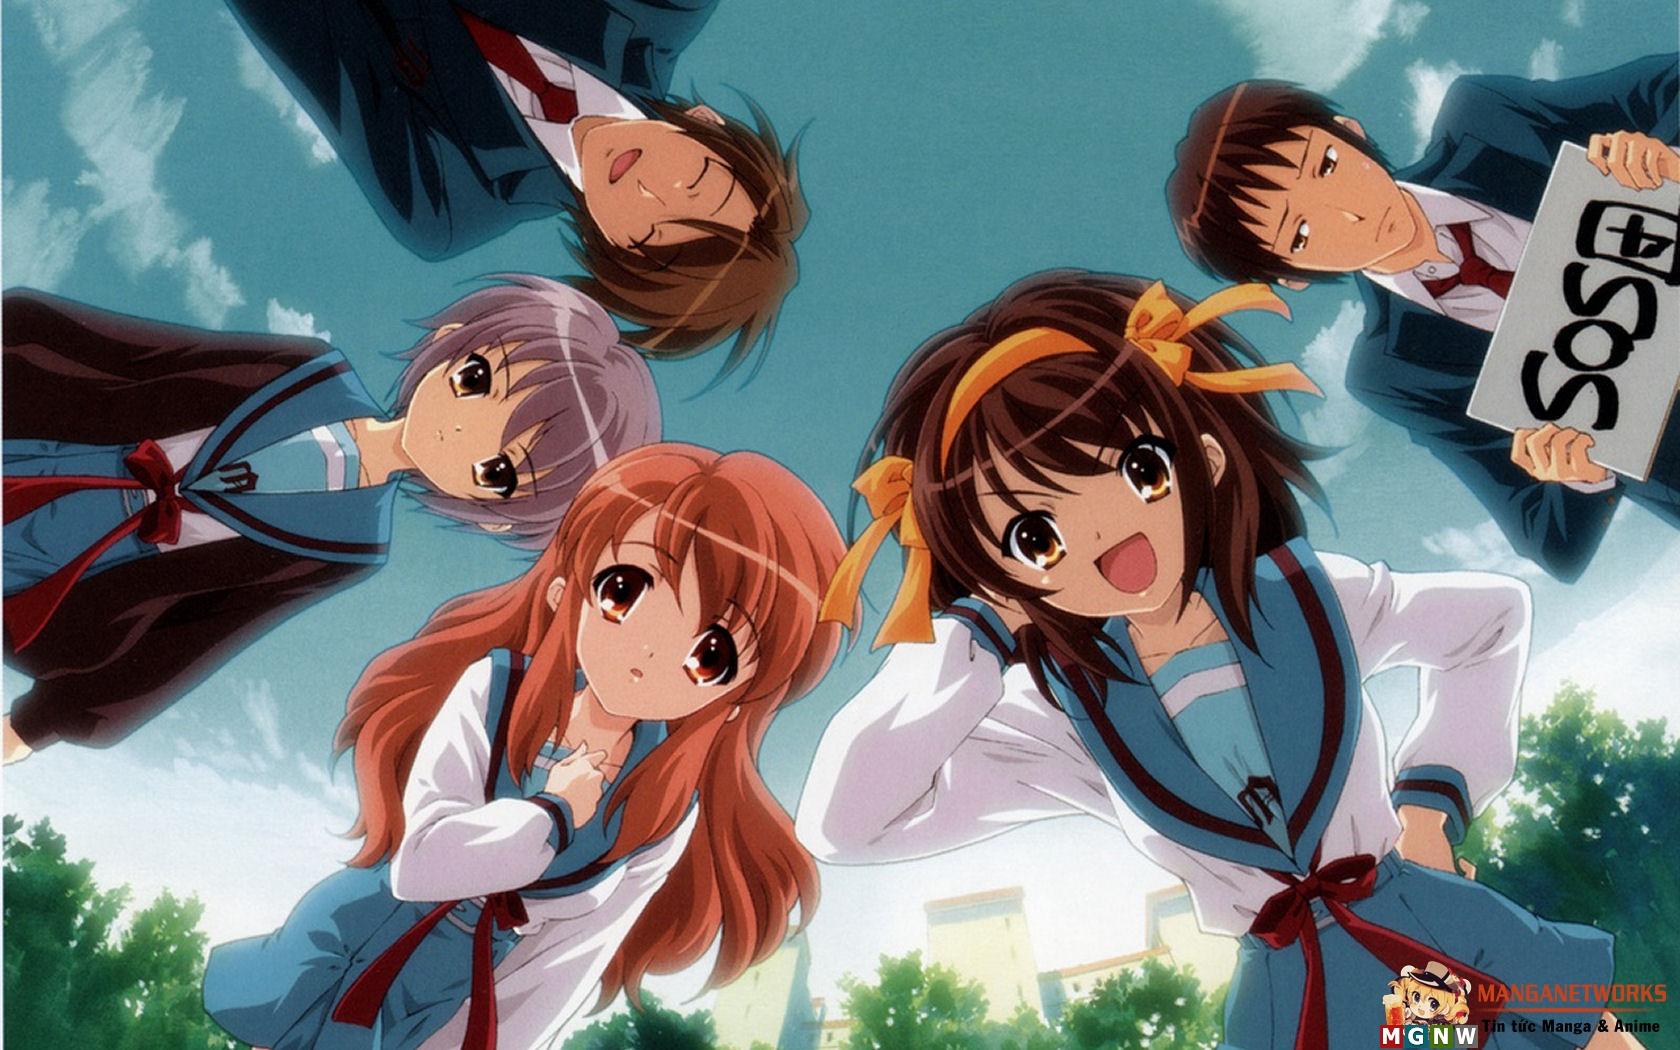 27908880940 bd125bd3f8 o 15 anime hay nhất về chủ đề học đường